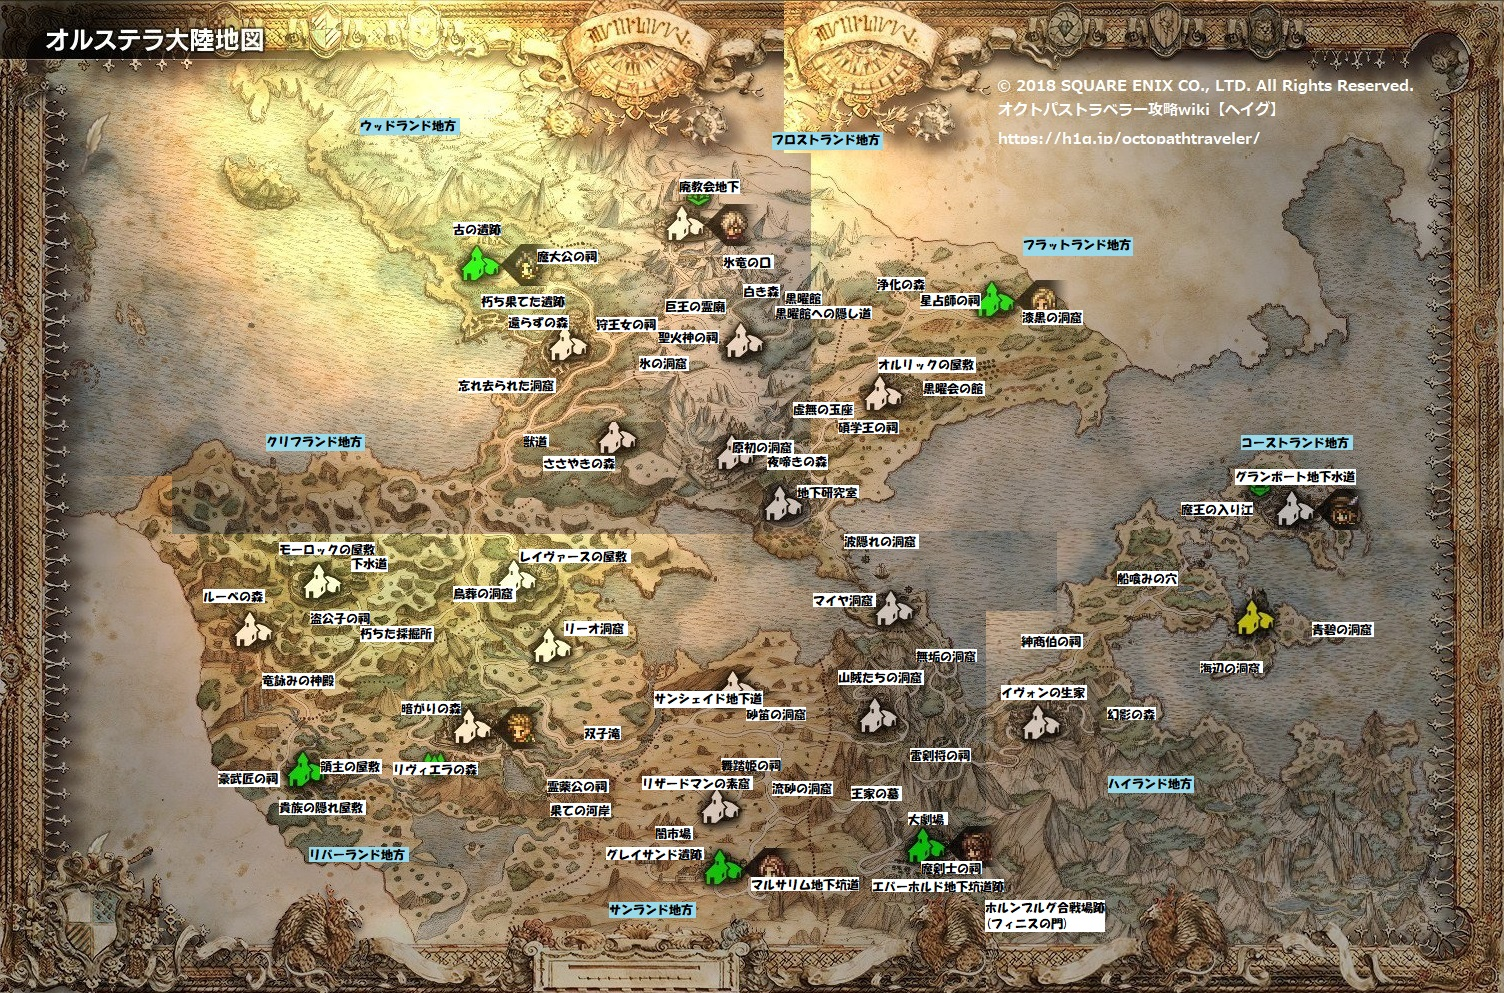 オクトパス トラベラー 攻略 オクトパストラベラー完全攻略ガイド - ゲームウィズ(GameWith)